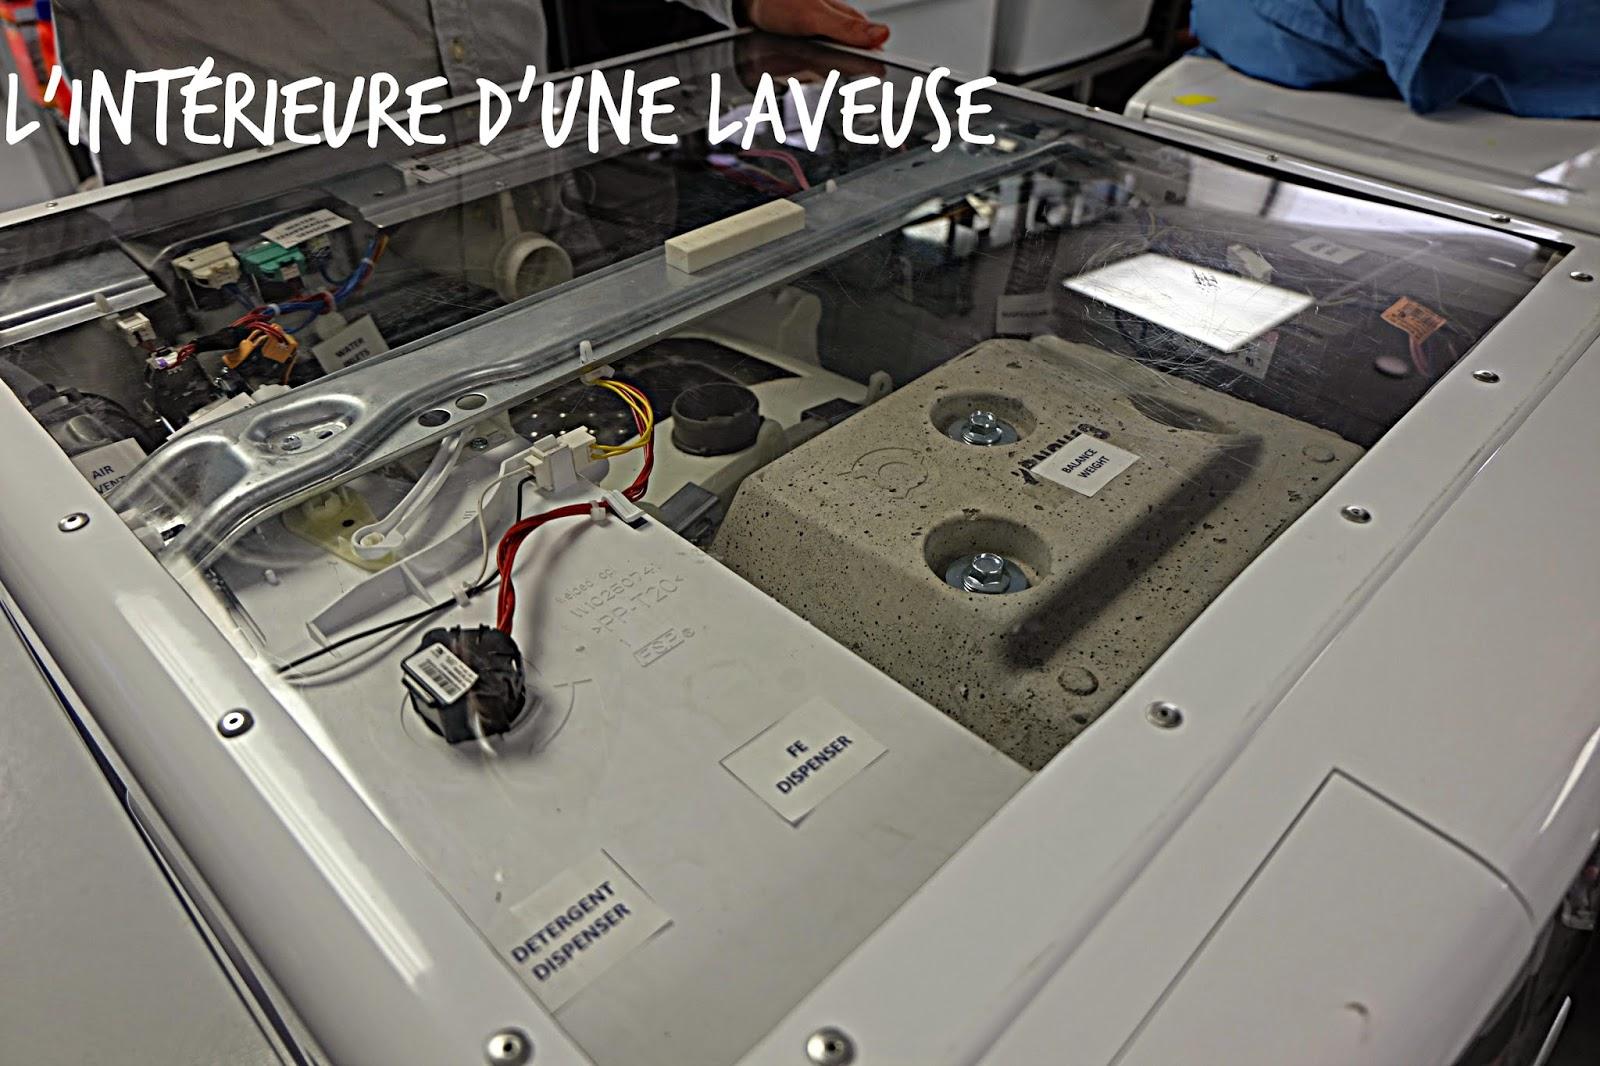 Comment enlever des taches de tapis avec du tide cinq fourchettes - Enlever l electricite statique d un vetement ...